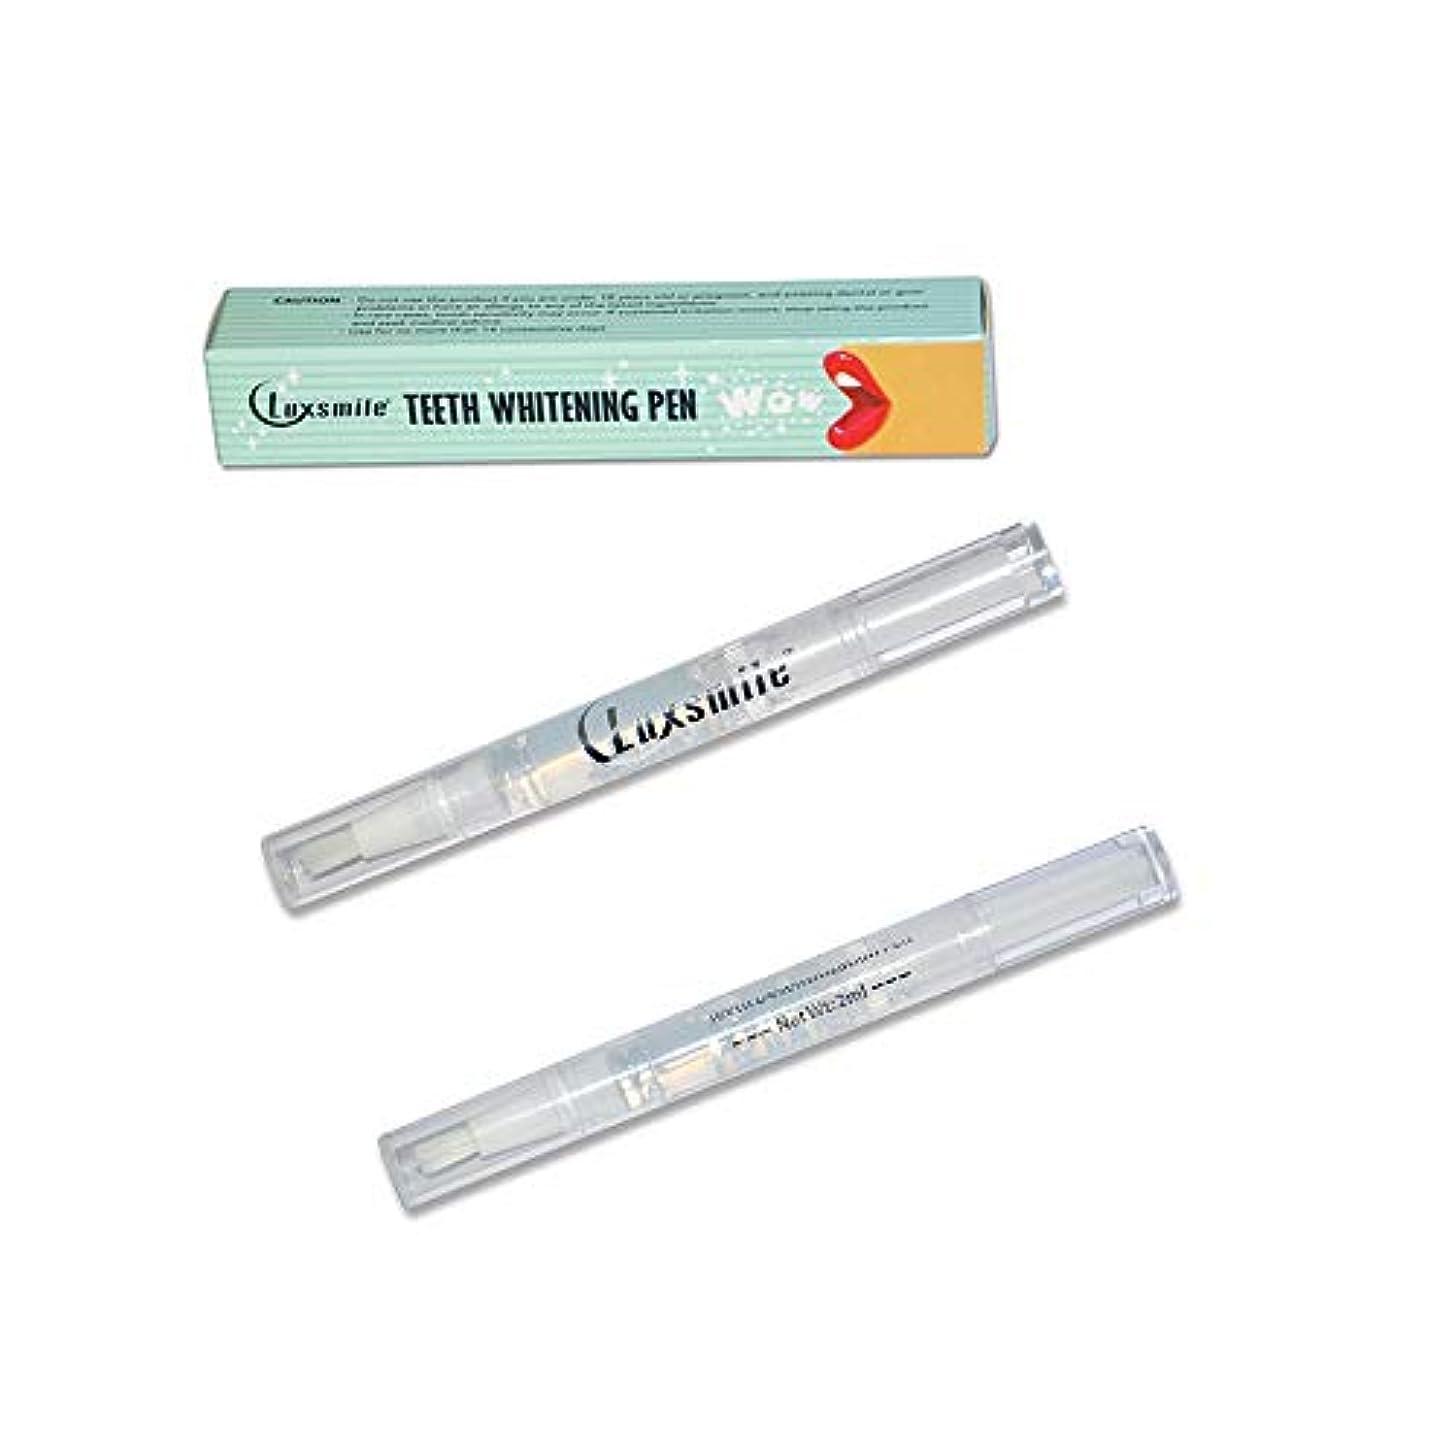 ご覧くださいカーペット野菜ホワイトニングペン 2個セット (18%過酸化尿素配合)